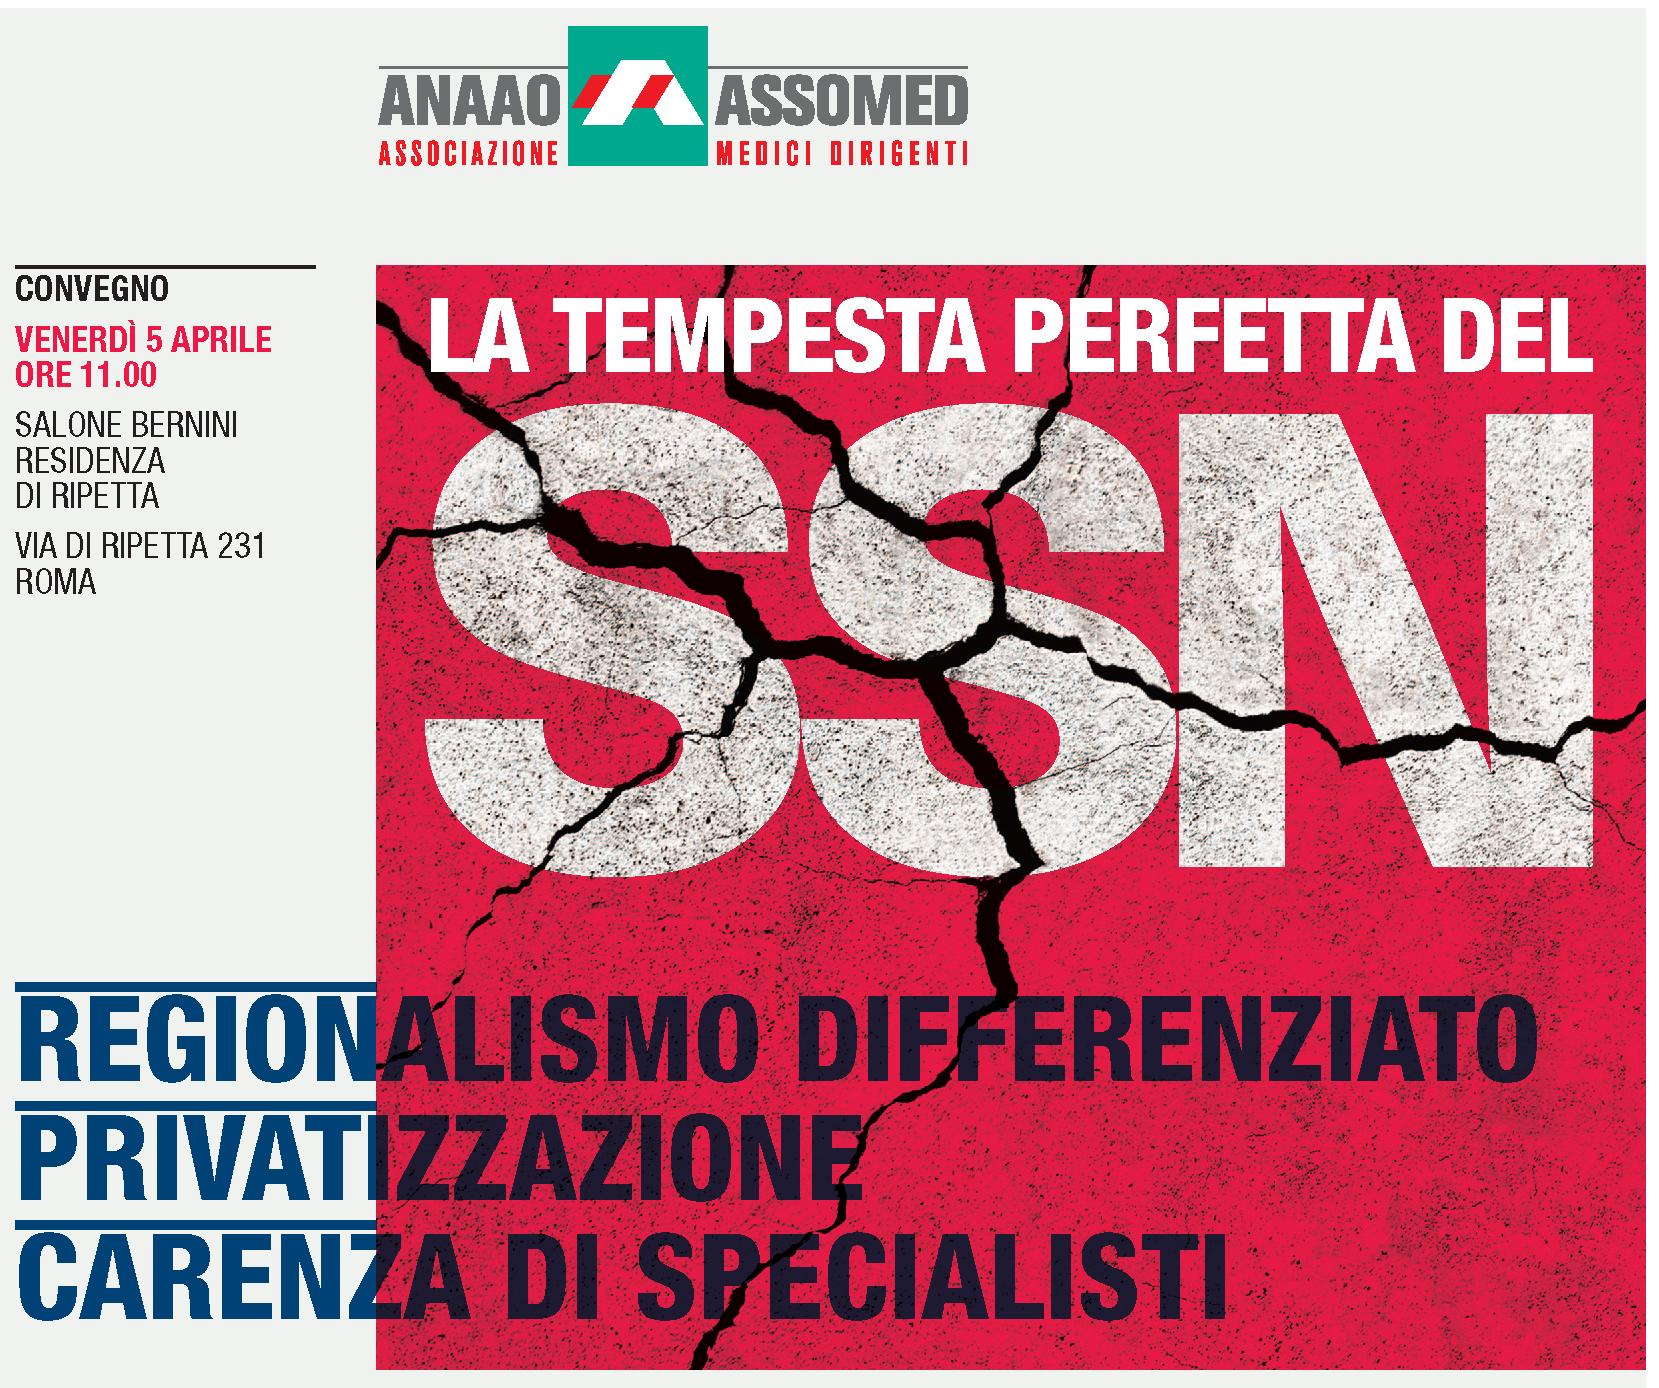 Convegno Nazionale Roma 5 aprile. La tempesta perfetta del SSN   regionalismo differenziato - Privatizzazione - Carenza di specialisti. Il  programma. 049fe601c8a2